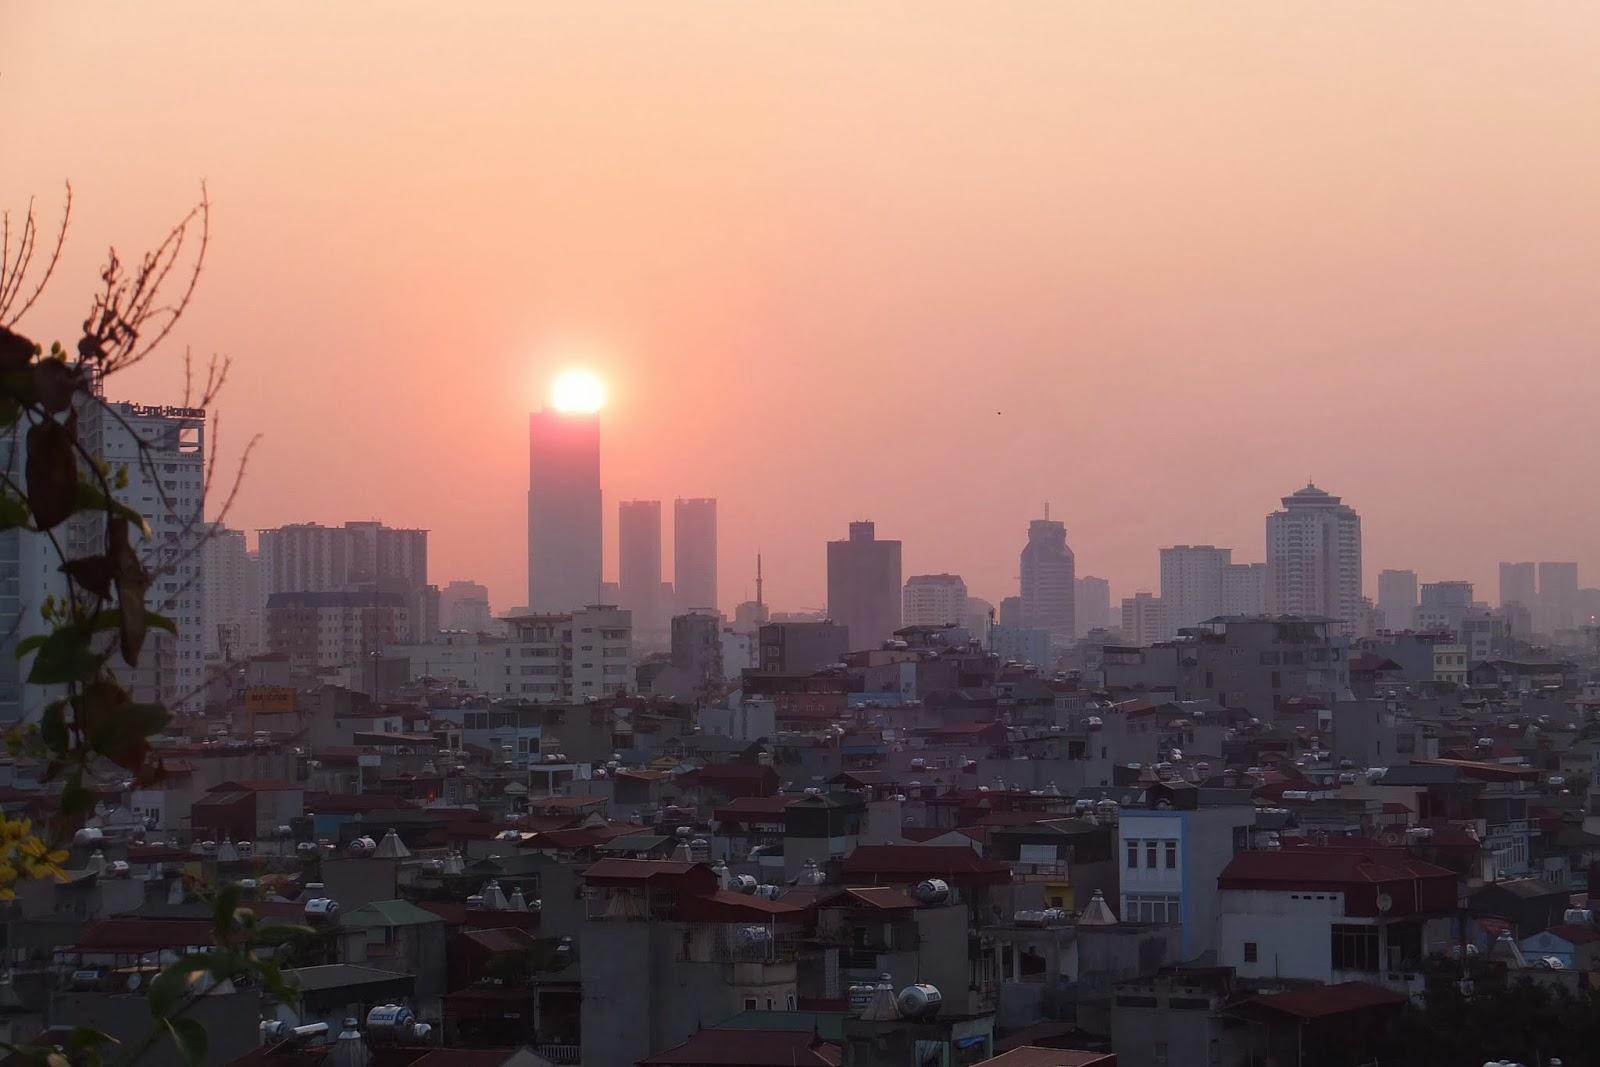 sunset-in-hanoi-vietnam ハノイの夕暮れ2